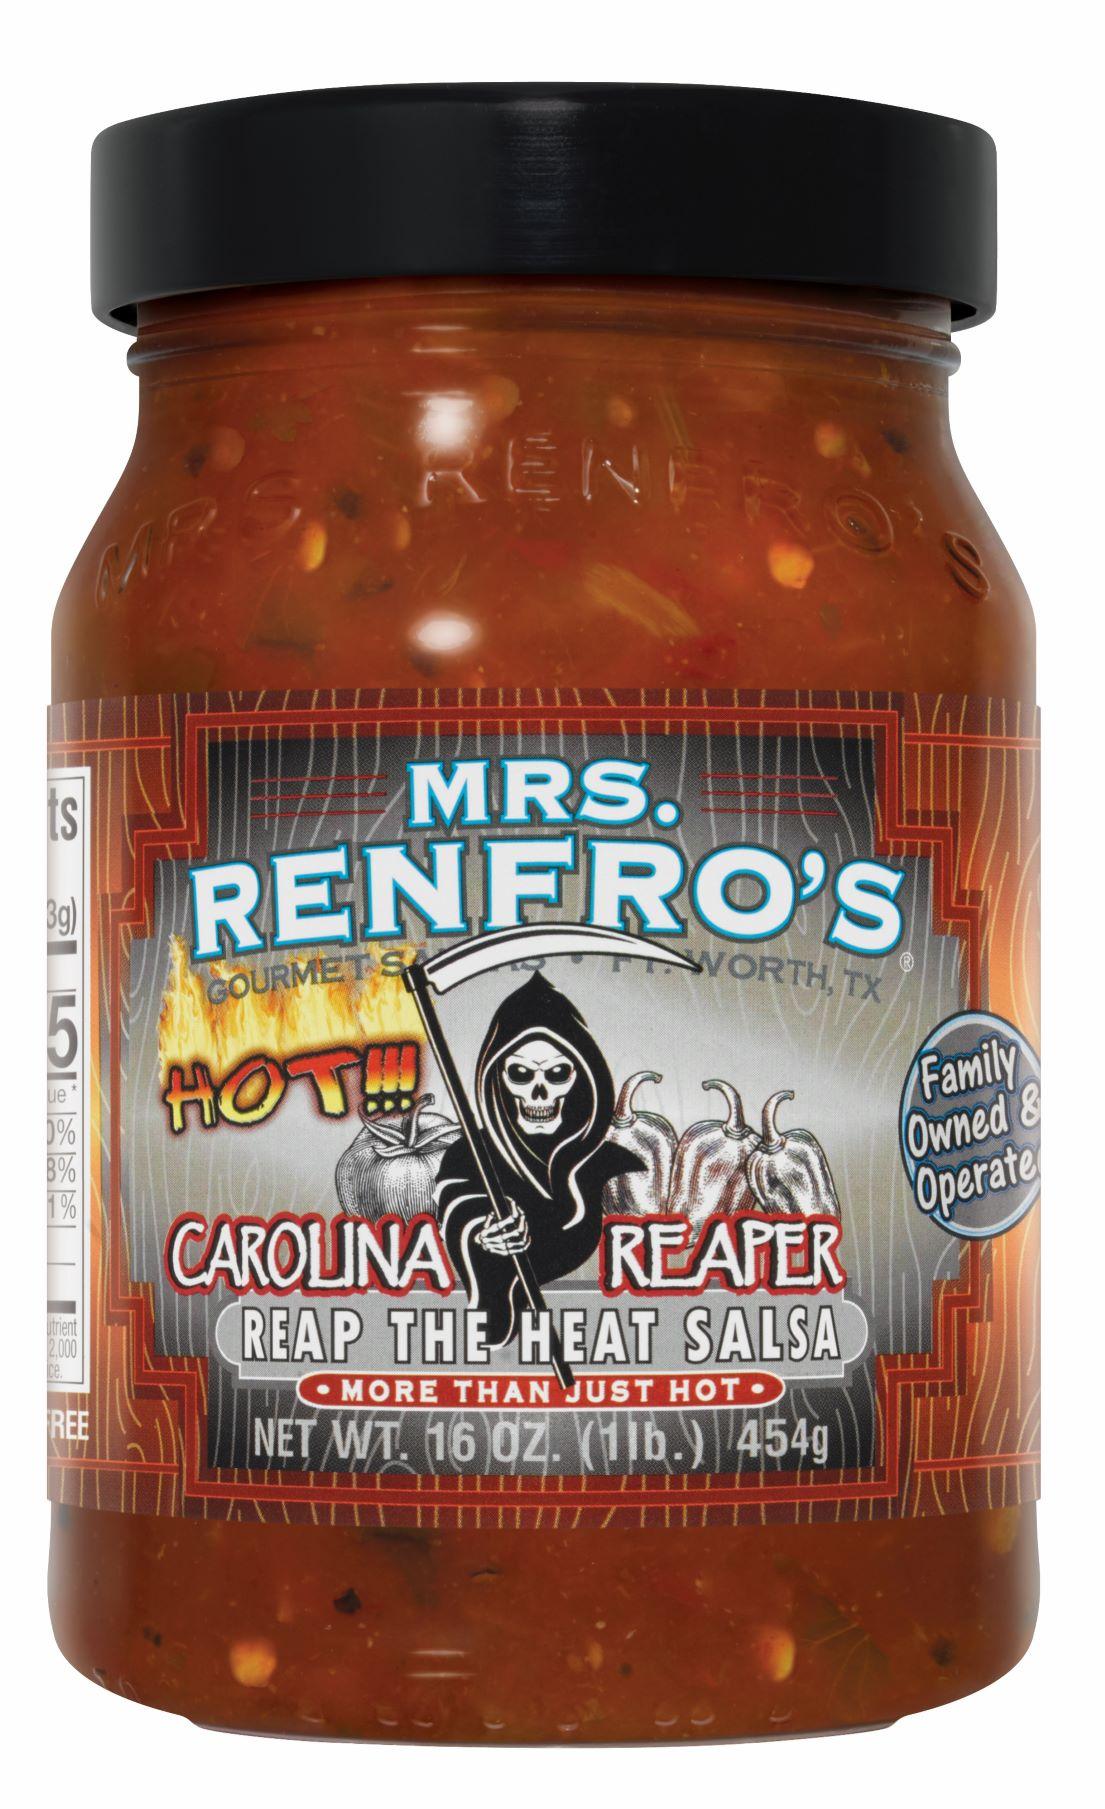 Renfro Foods Releases Mrs. Renfro's Carolina Reaper Salsa